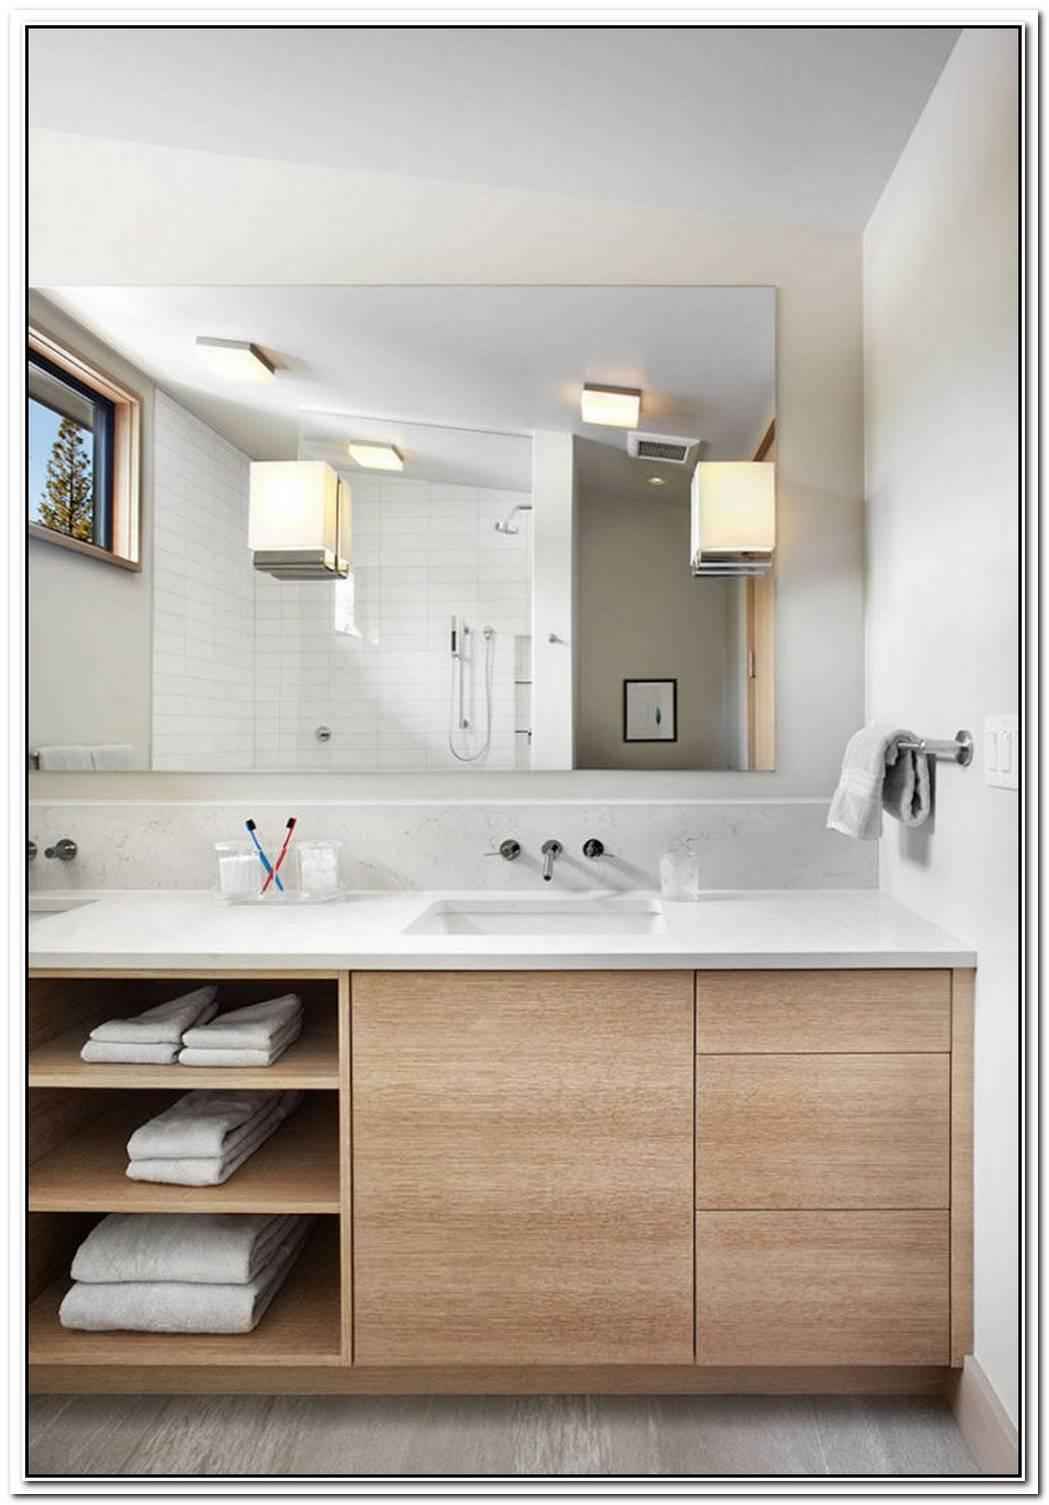 Vanity Organic Style Minimalist Bathroom